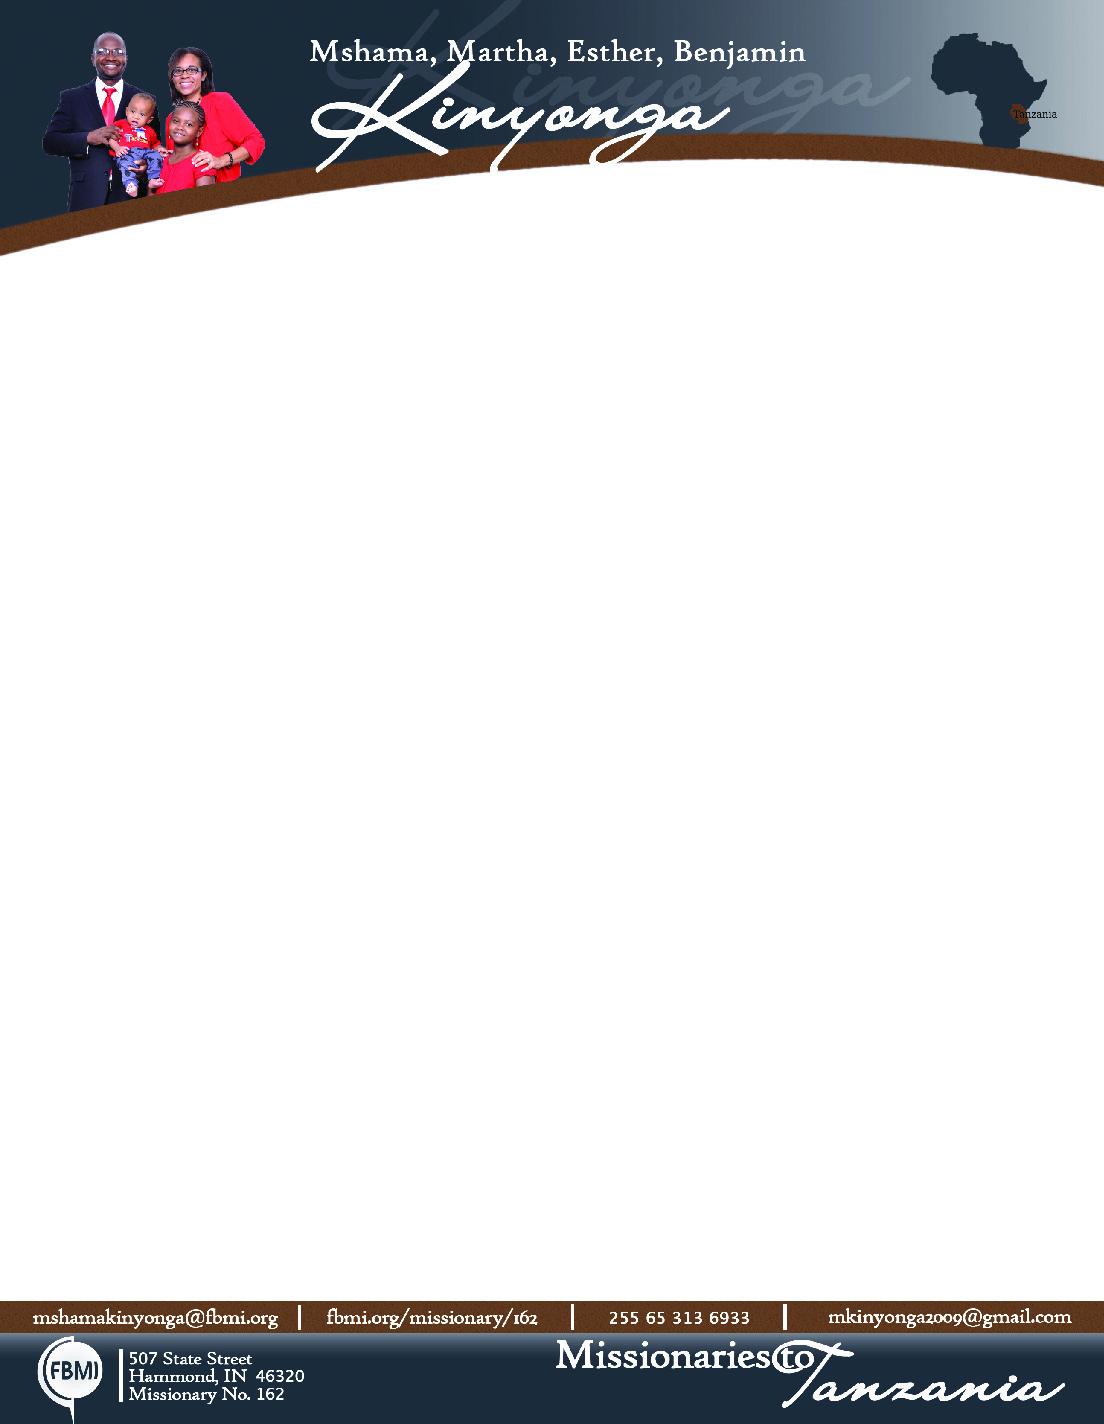 thumbnail of 2020 Kinyonga letterhead